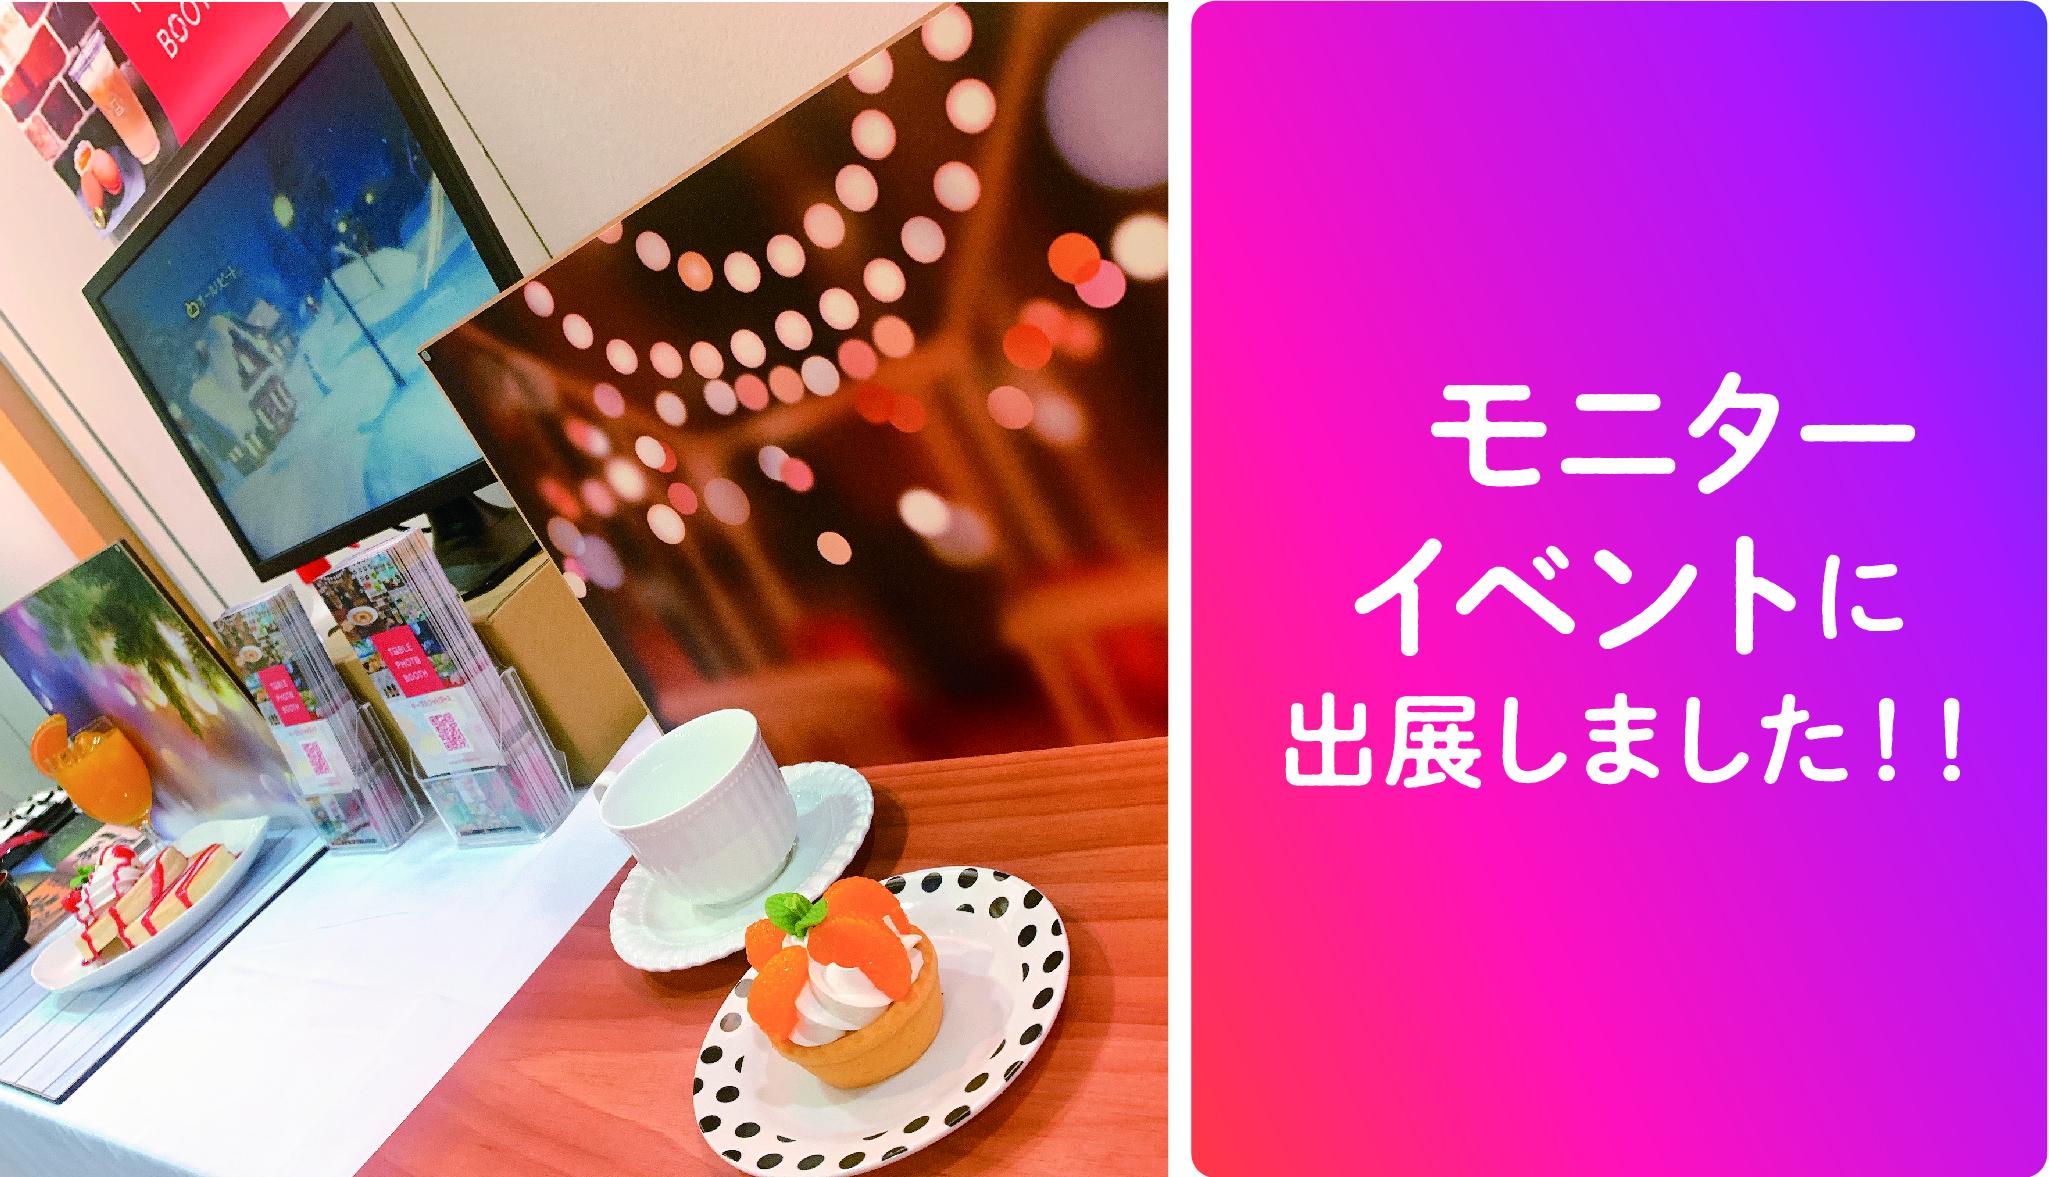 【サンソウカンdeモニター会】2020.12.26 ~ 12.27